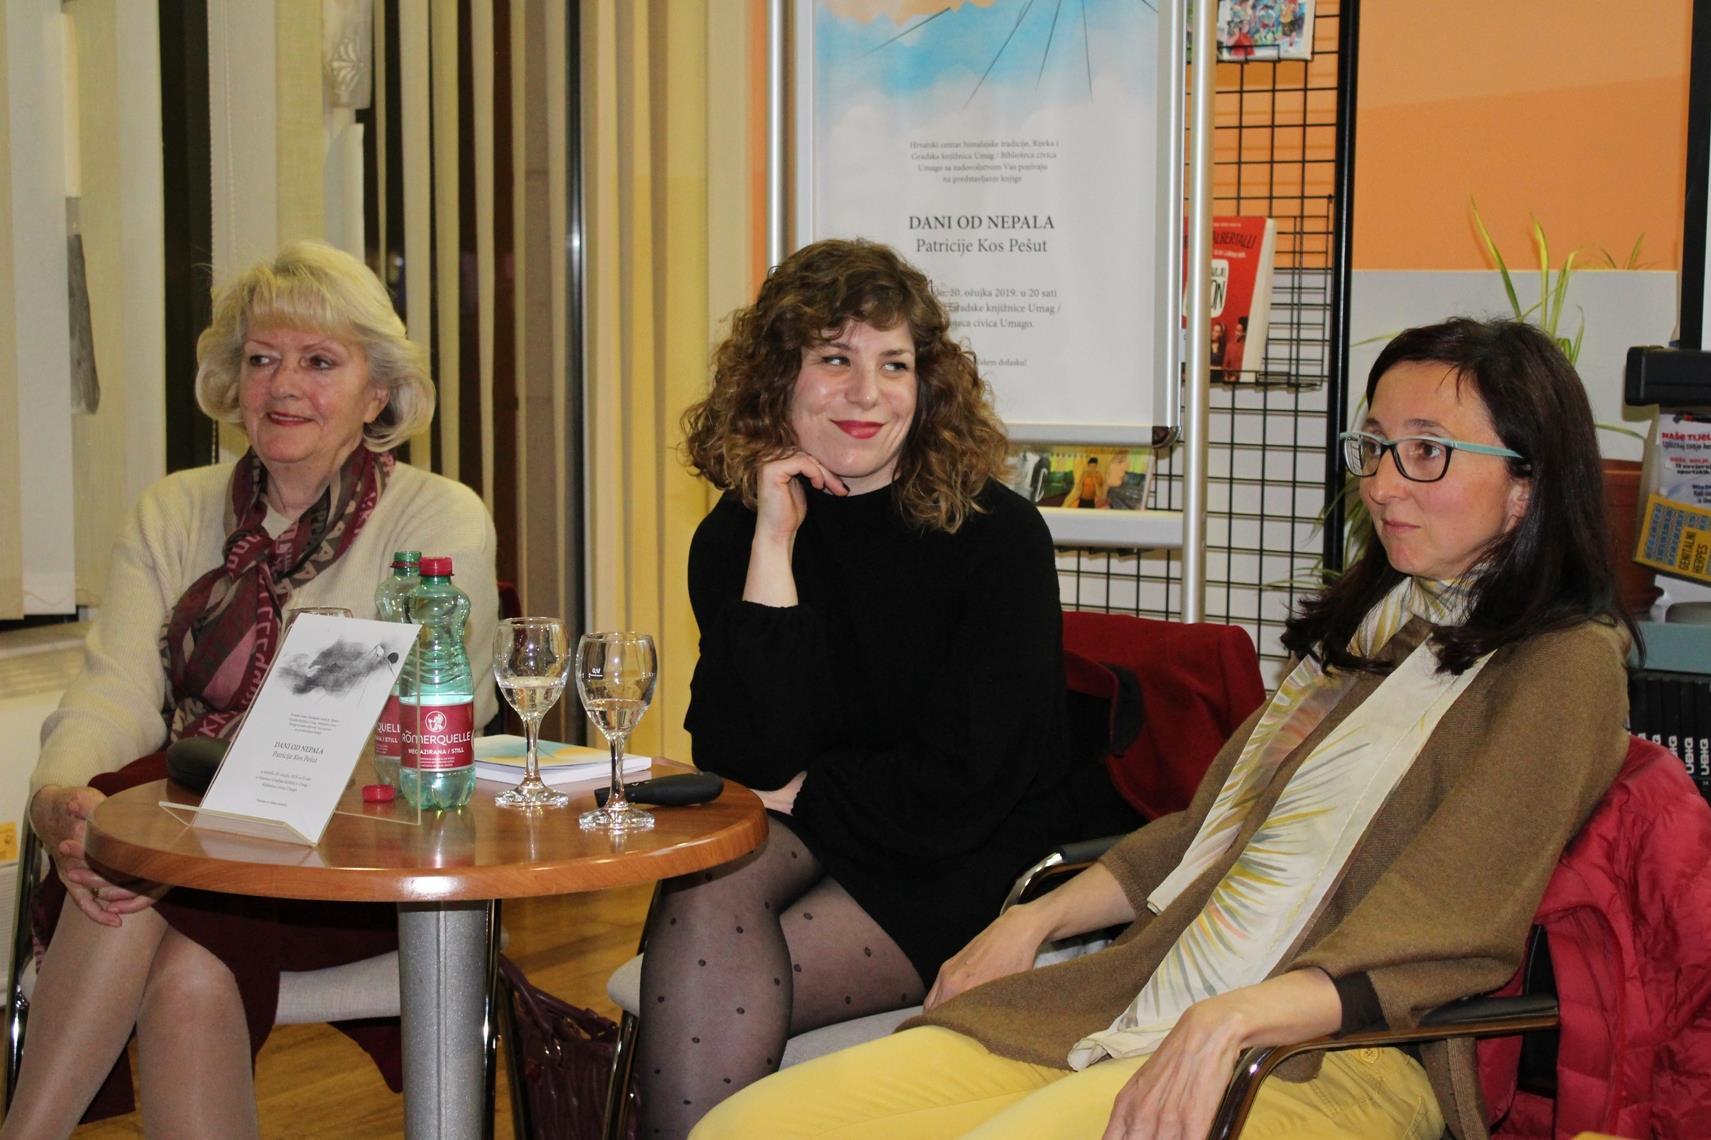 """Pred punim auditorijem umaške gradske knjižnice održano još jedno predstavljanje knjige """"Dani od Nepala"""""""